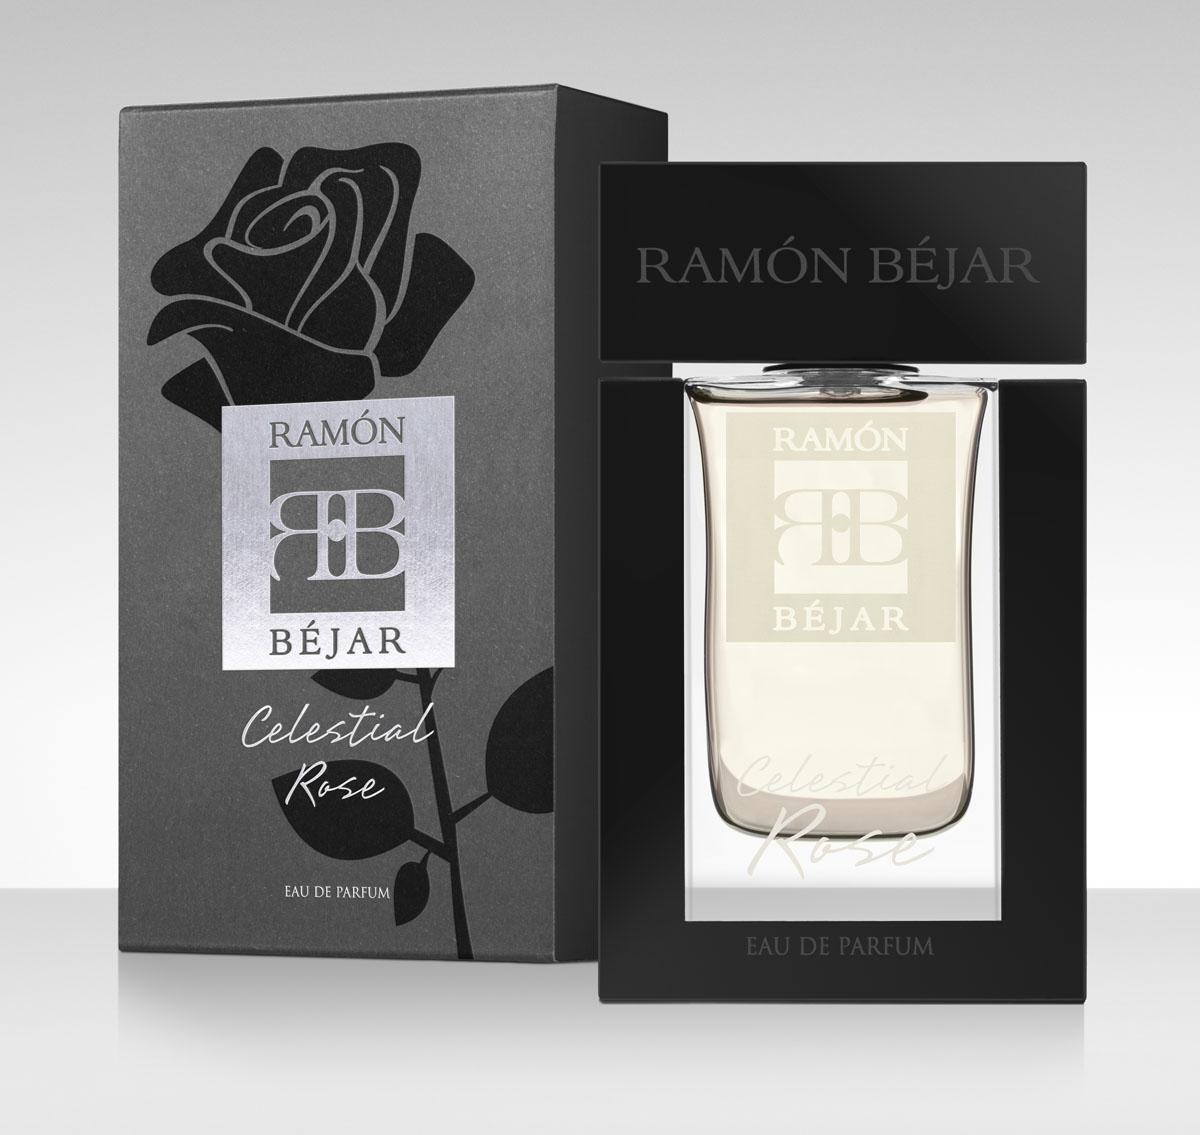 Ramon Bejar Selestial Rose Парфюмерная вода, унисекс, 75 мл49131Название определяет аромат. Небесная эссенция, которая содержит в себе все тайны лучших в мире роз, с легким оттенком бурбонской герани и горькой полыни. В результате мы получаем один из самых драгоценных и элегантных ароматов основанных на духовной матрице и энергии этого могущественного цветка. СТРУКТУРА АРОМАТА: Масло Полыни Горькой, Масло Бергамота, Масло Турецкой Розы, Масло Египетской Герани, Персик, Абсолю Турецкой Розы, Мускус, Амбра